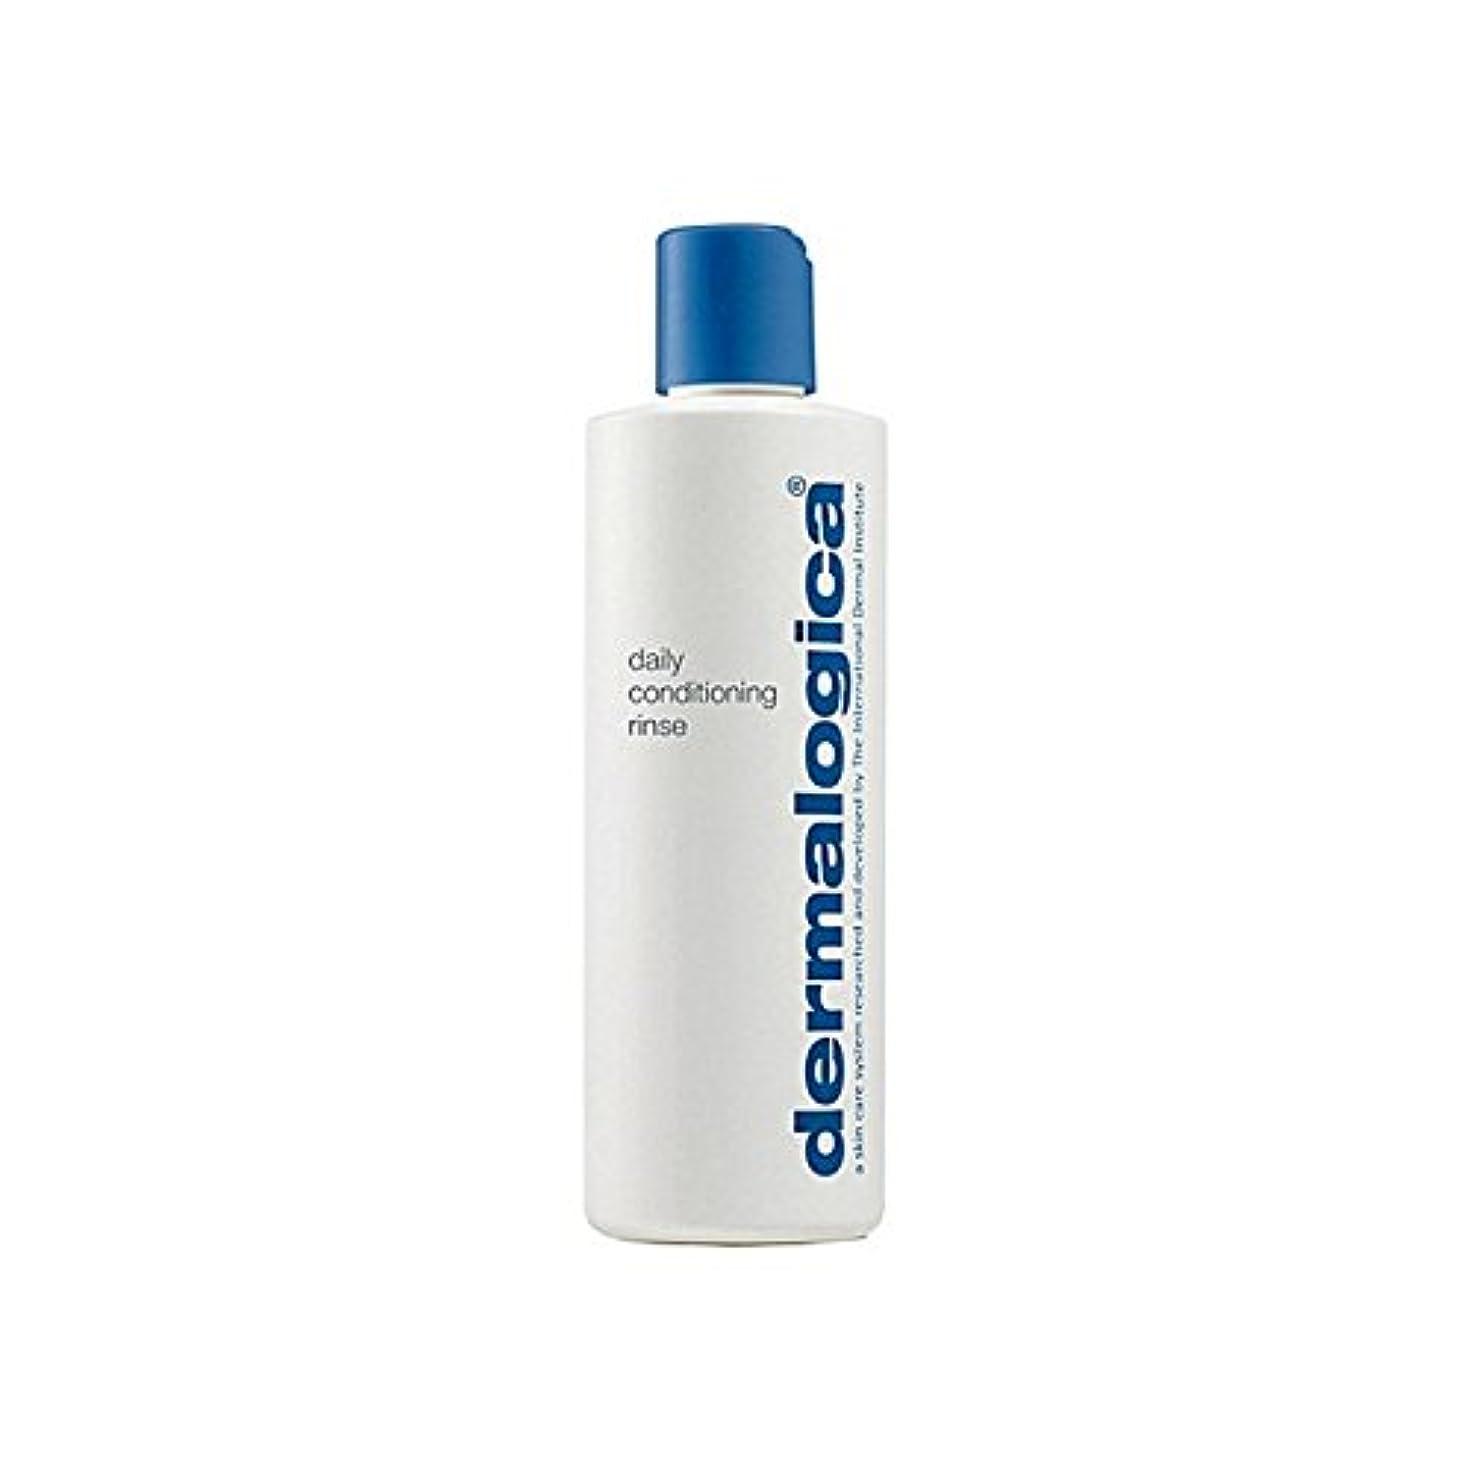 太平洋諸島登録ガソリンダーマロジカ毎日コンディショニングリンス50ミリリットル x4 - Dermalogica Daily Conditioning Rinse 50ml (Pack of 4) [並行輸入品]